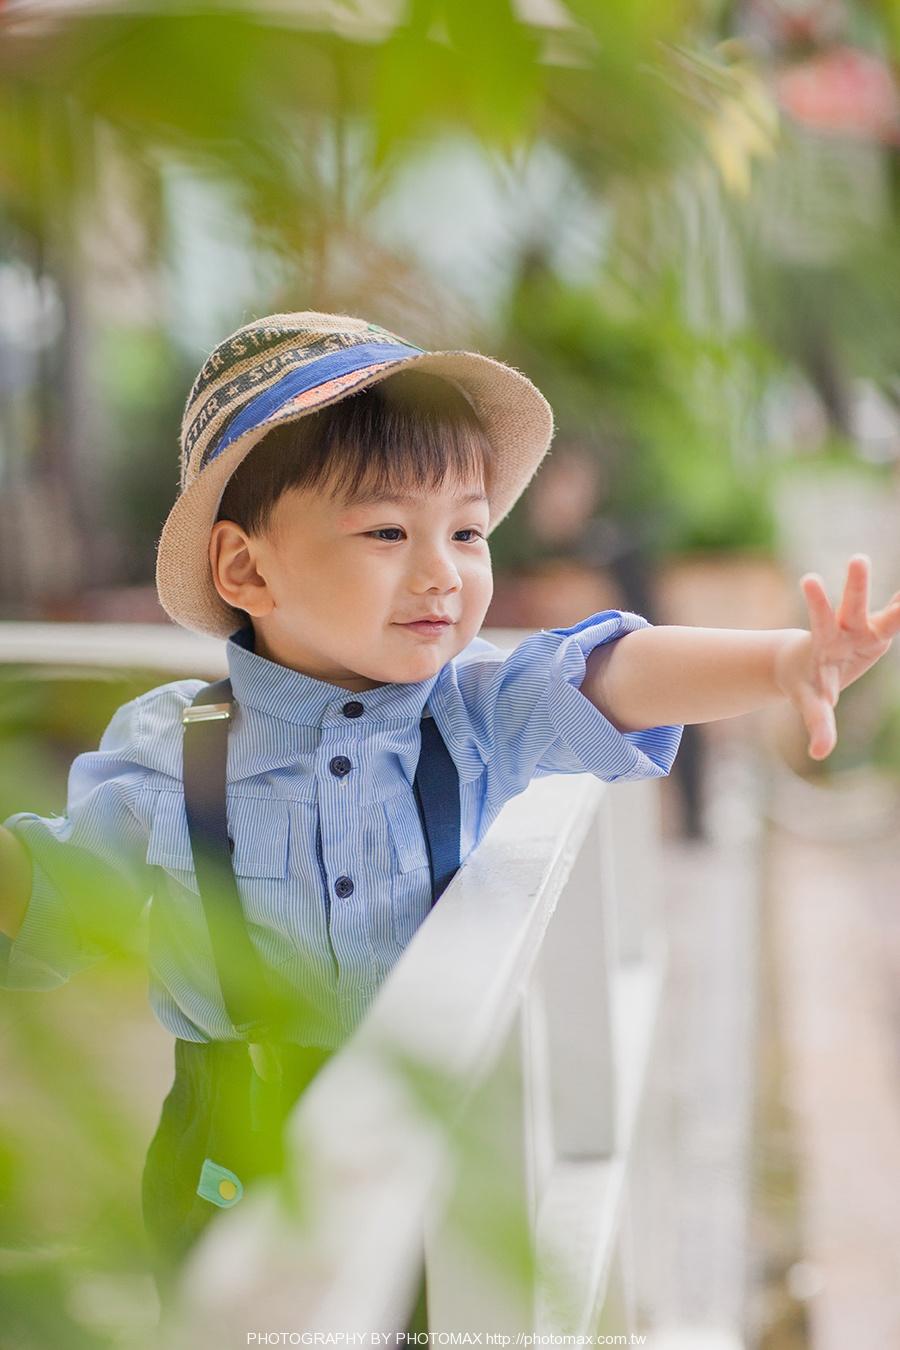 小王子 PHOTO MAX 麦叔叔 儿童摄影 (3)